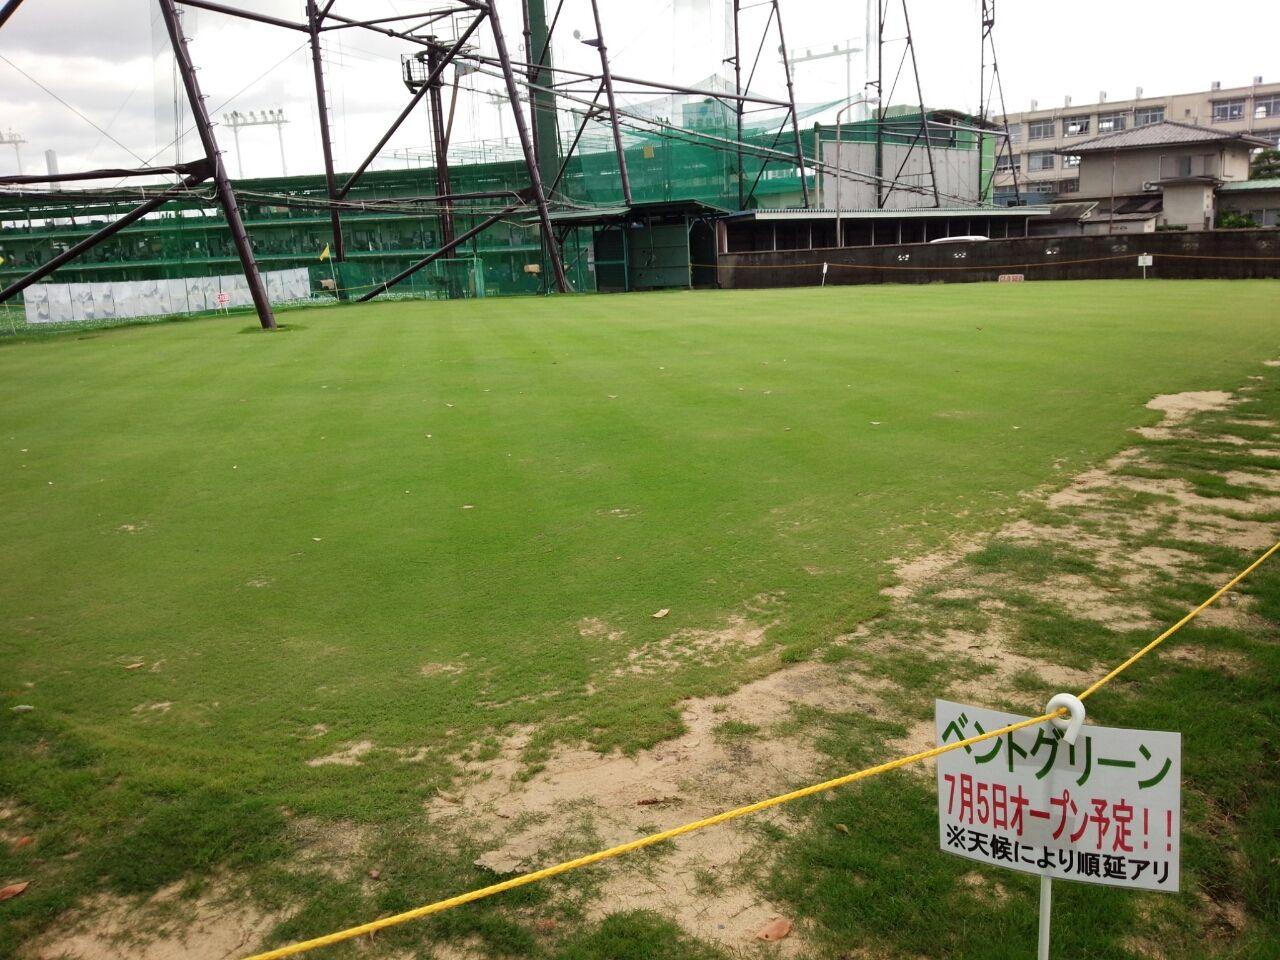 センター ゴルフ 東 大阪